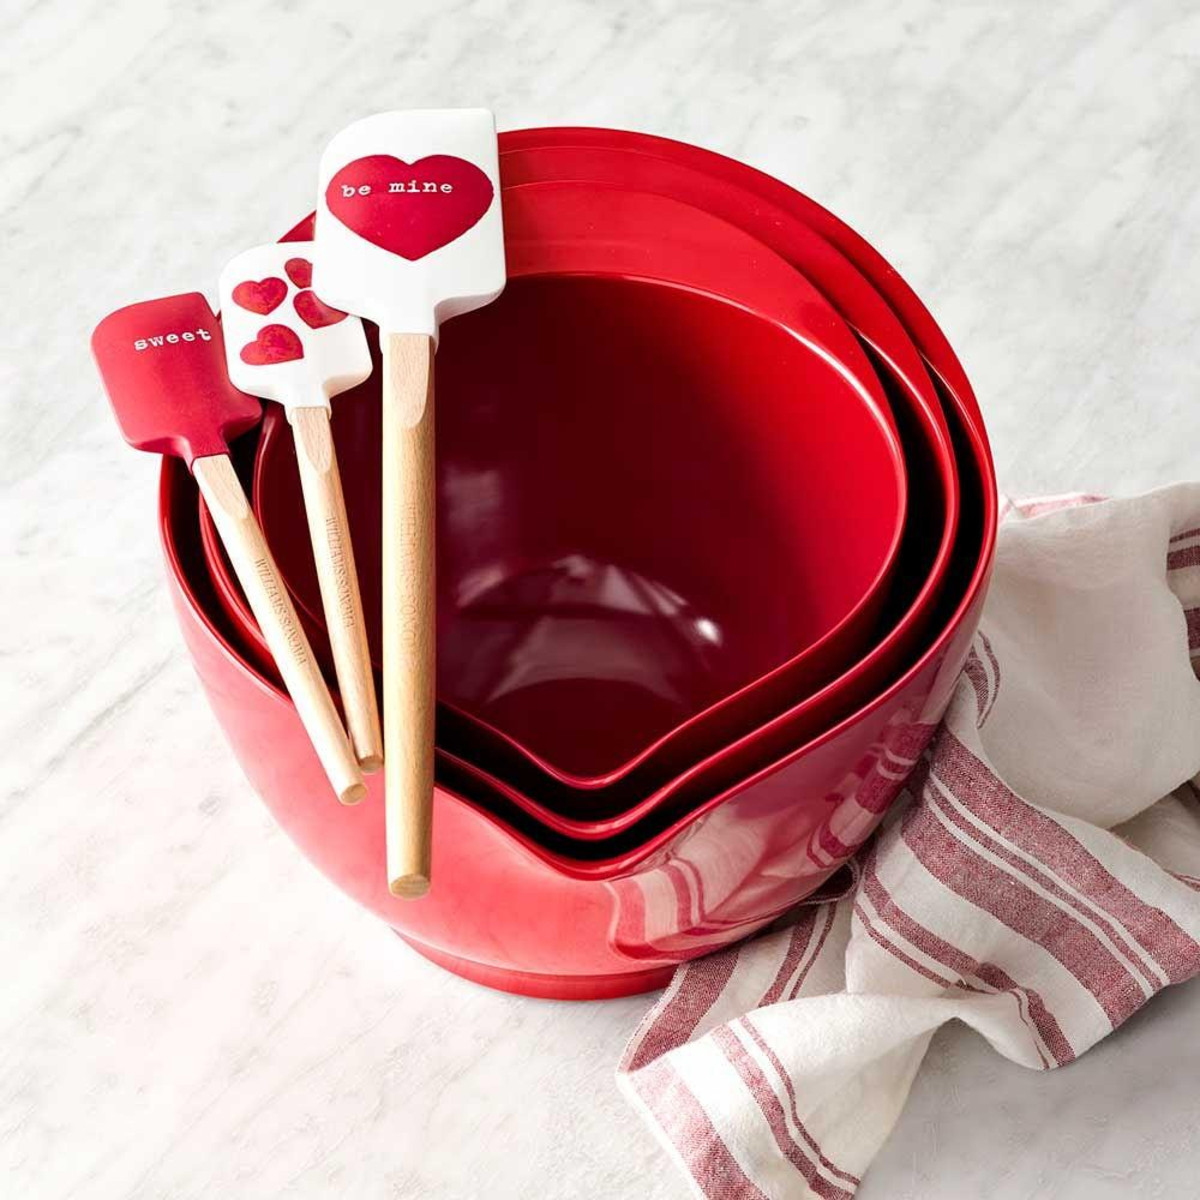 Valentine's Day Mini Silicone Spatulas by Williams-Sonoma ,$20.